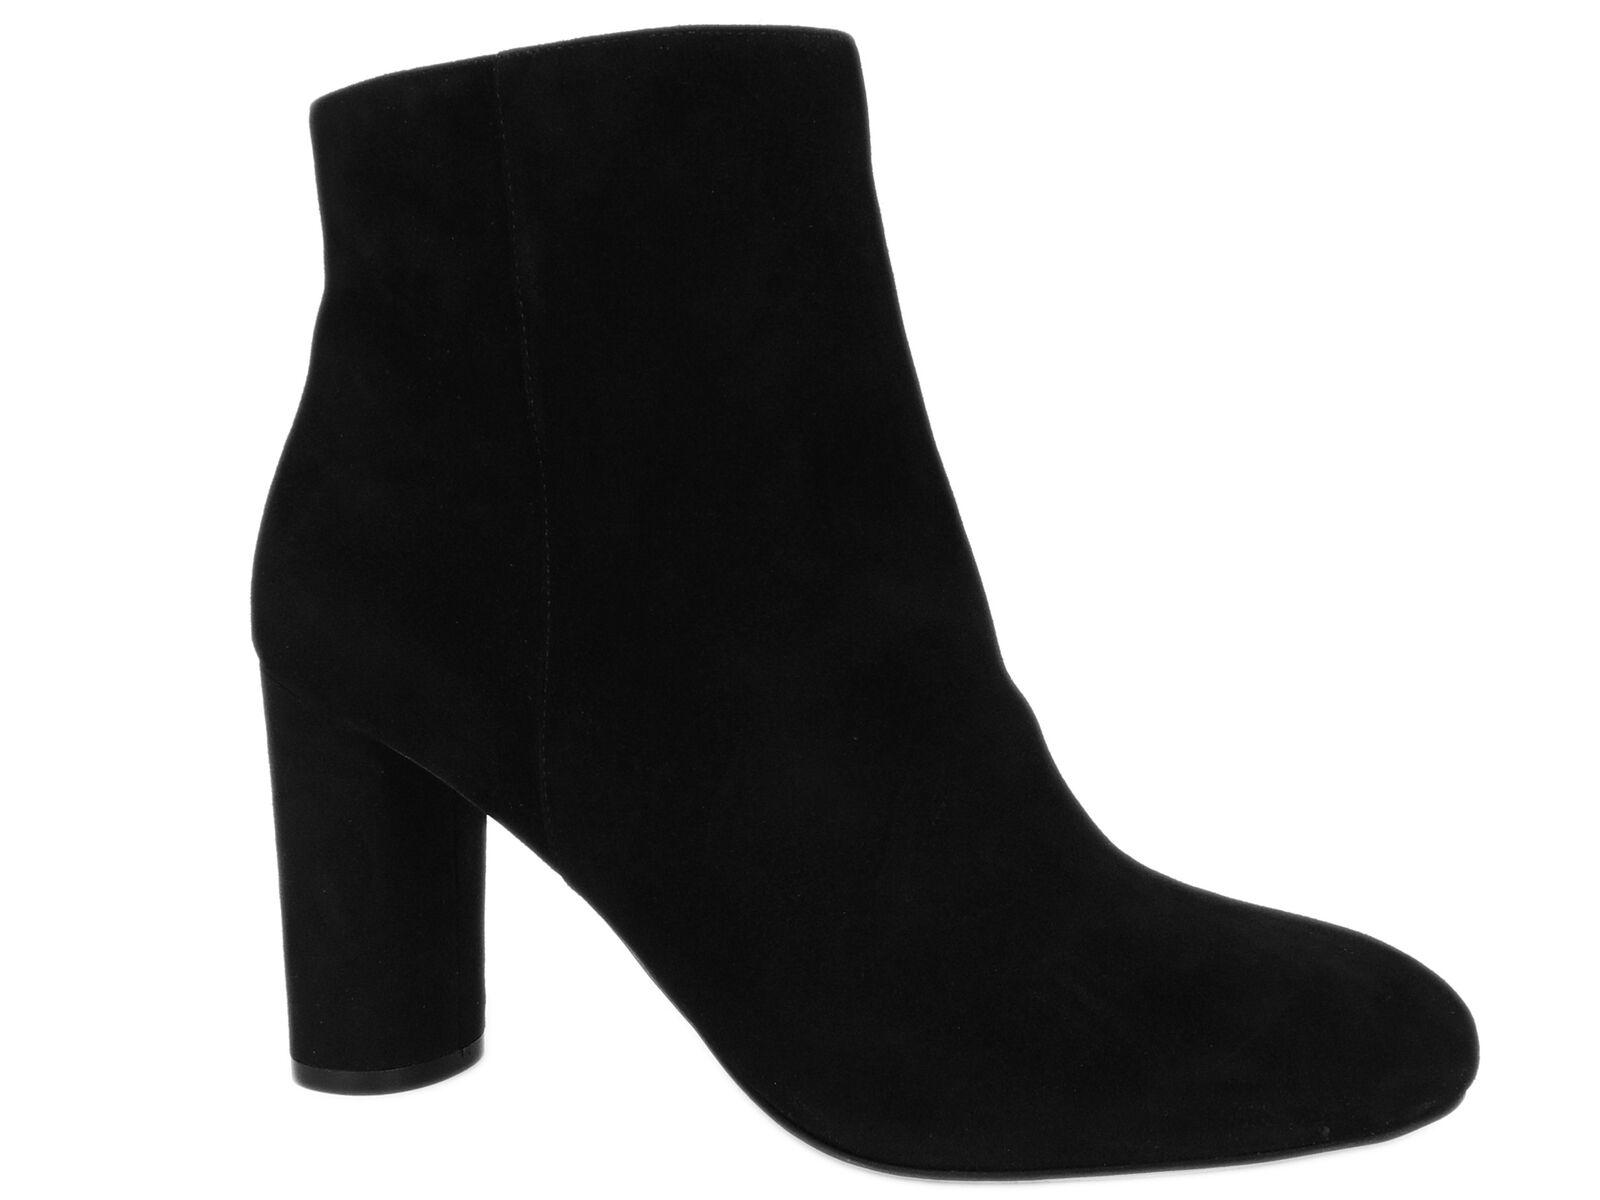 liquidazione INC International Concepts Taytee Block-Heel Block-Heel Block-Heel stivali nero Suede Dimensione 10 M  promozioni